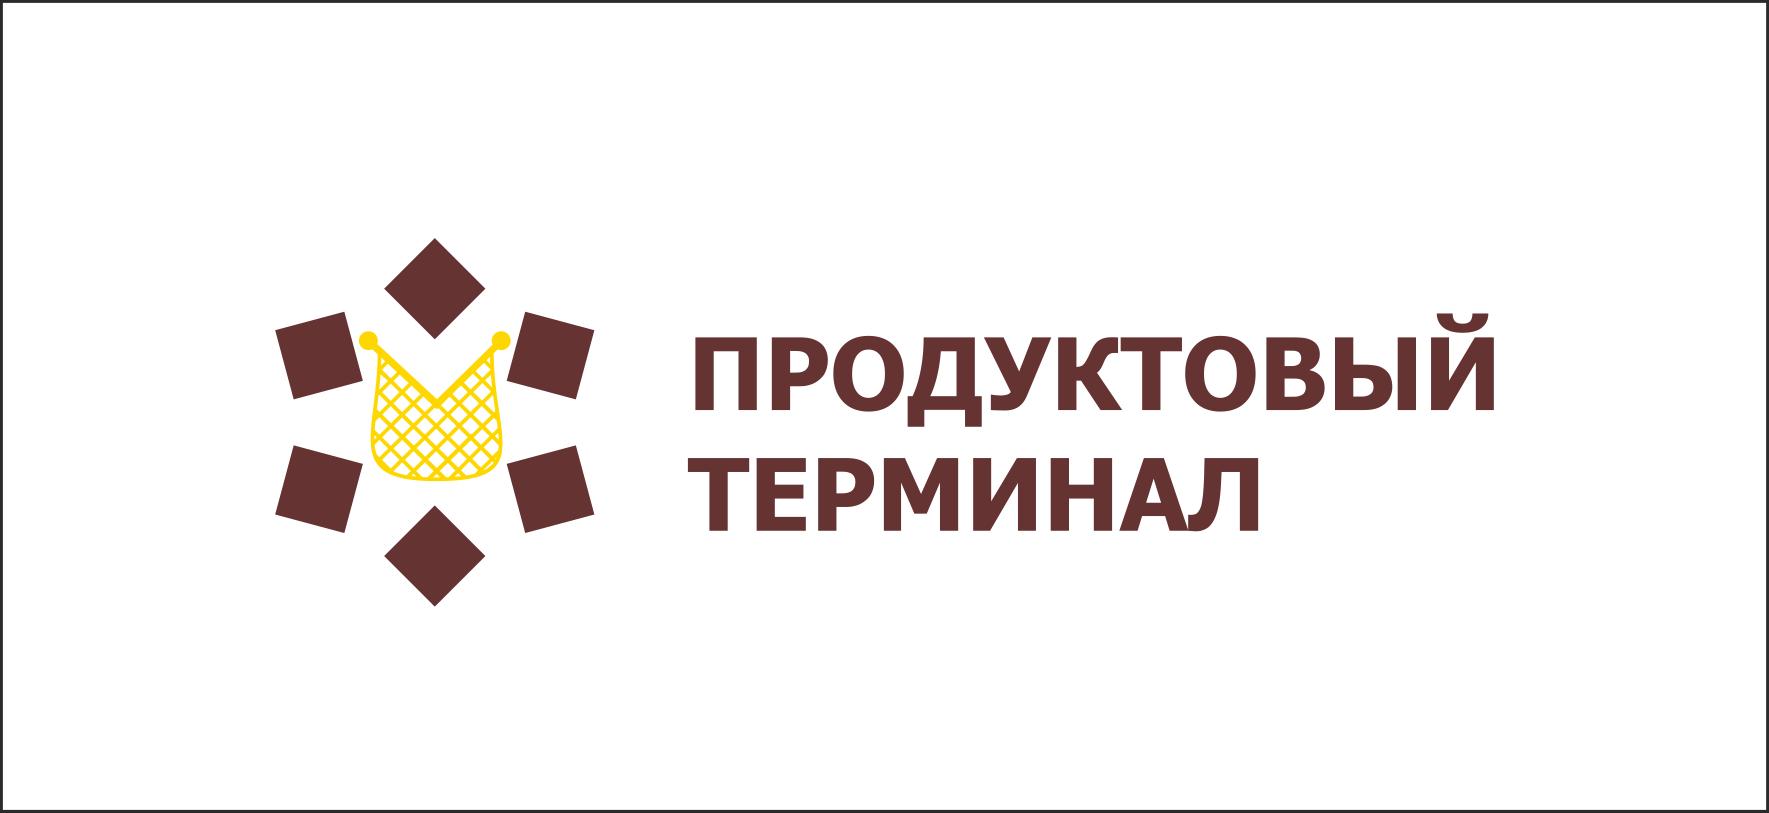 Логотип для сети продуктовых магазинов фото f_27756fd699d72fdb.png